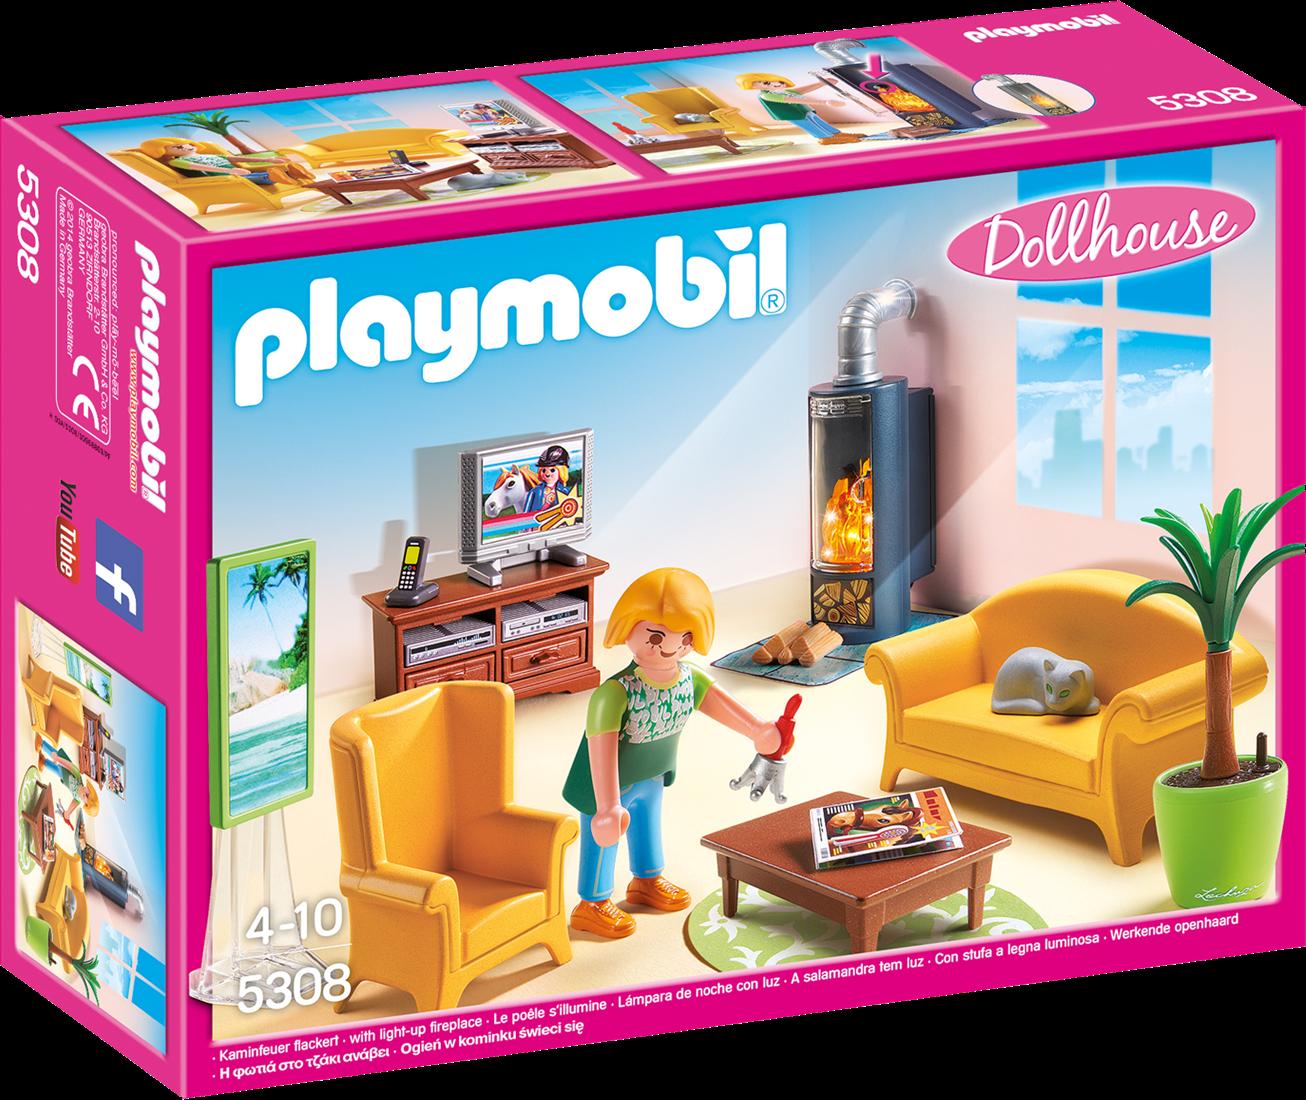 Playmobil Dollhouse - Woonkamer met houtkachel 5308 Planet Happy DE